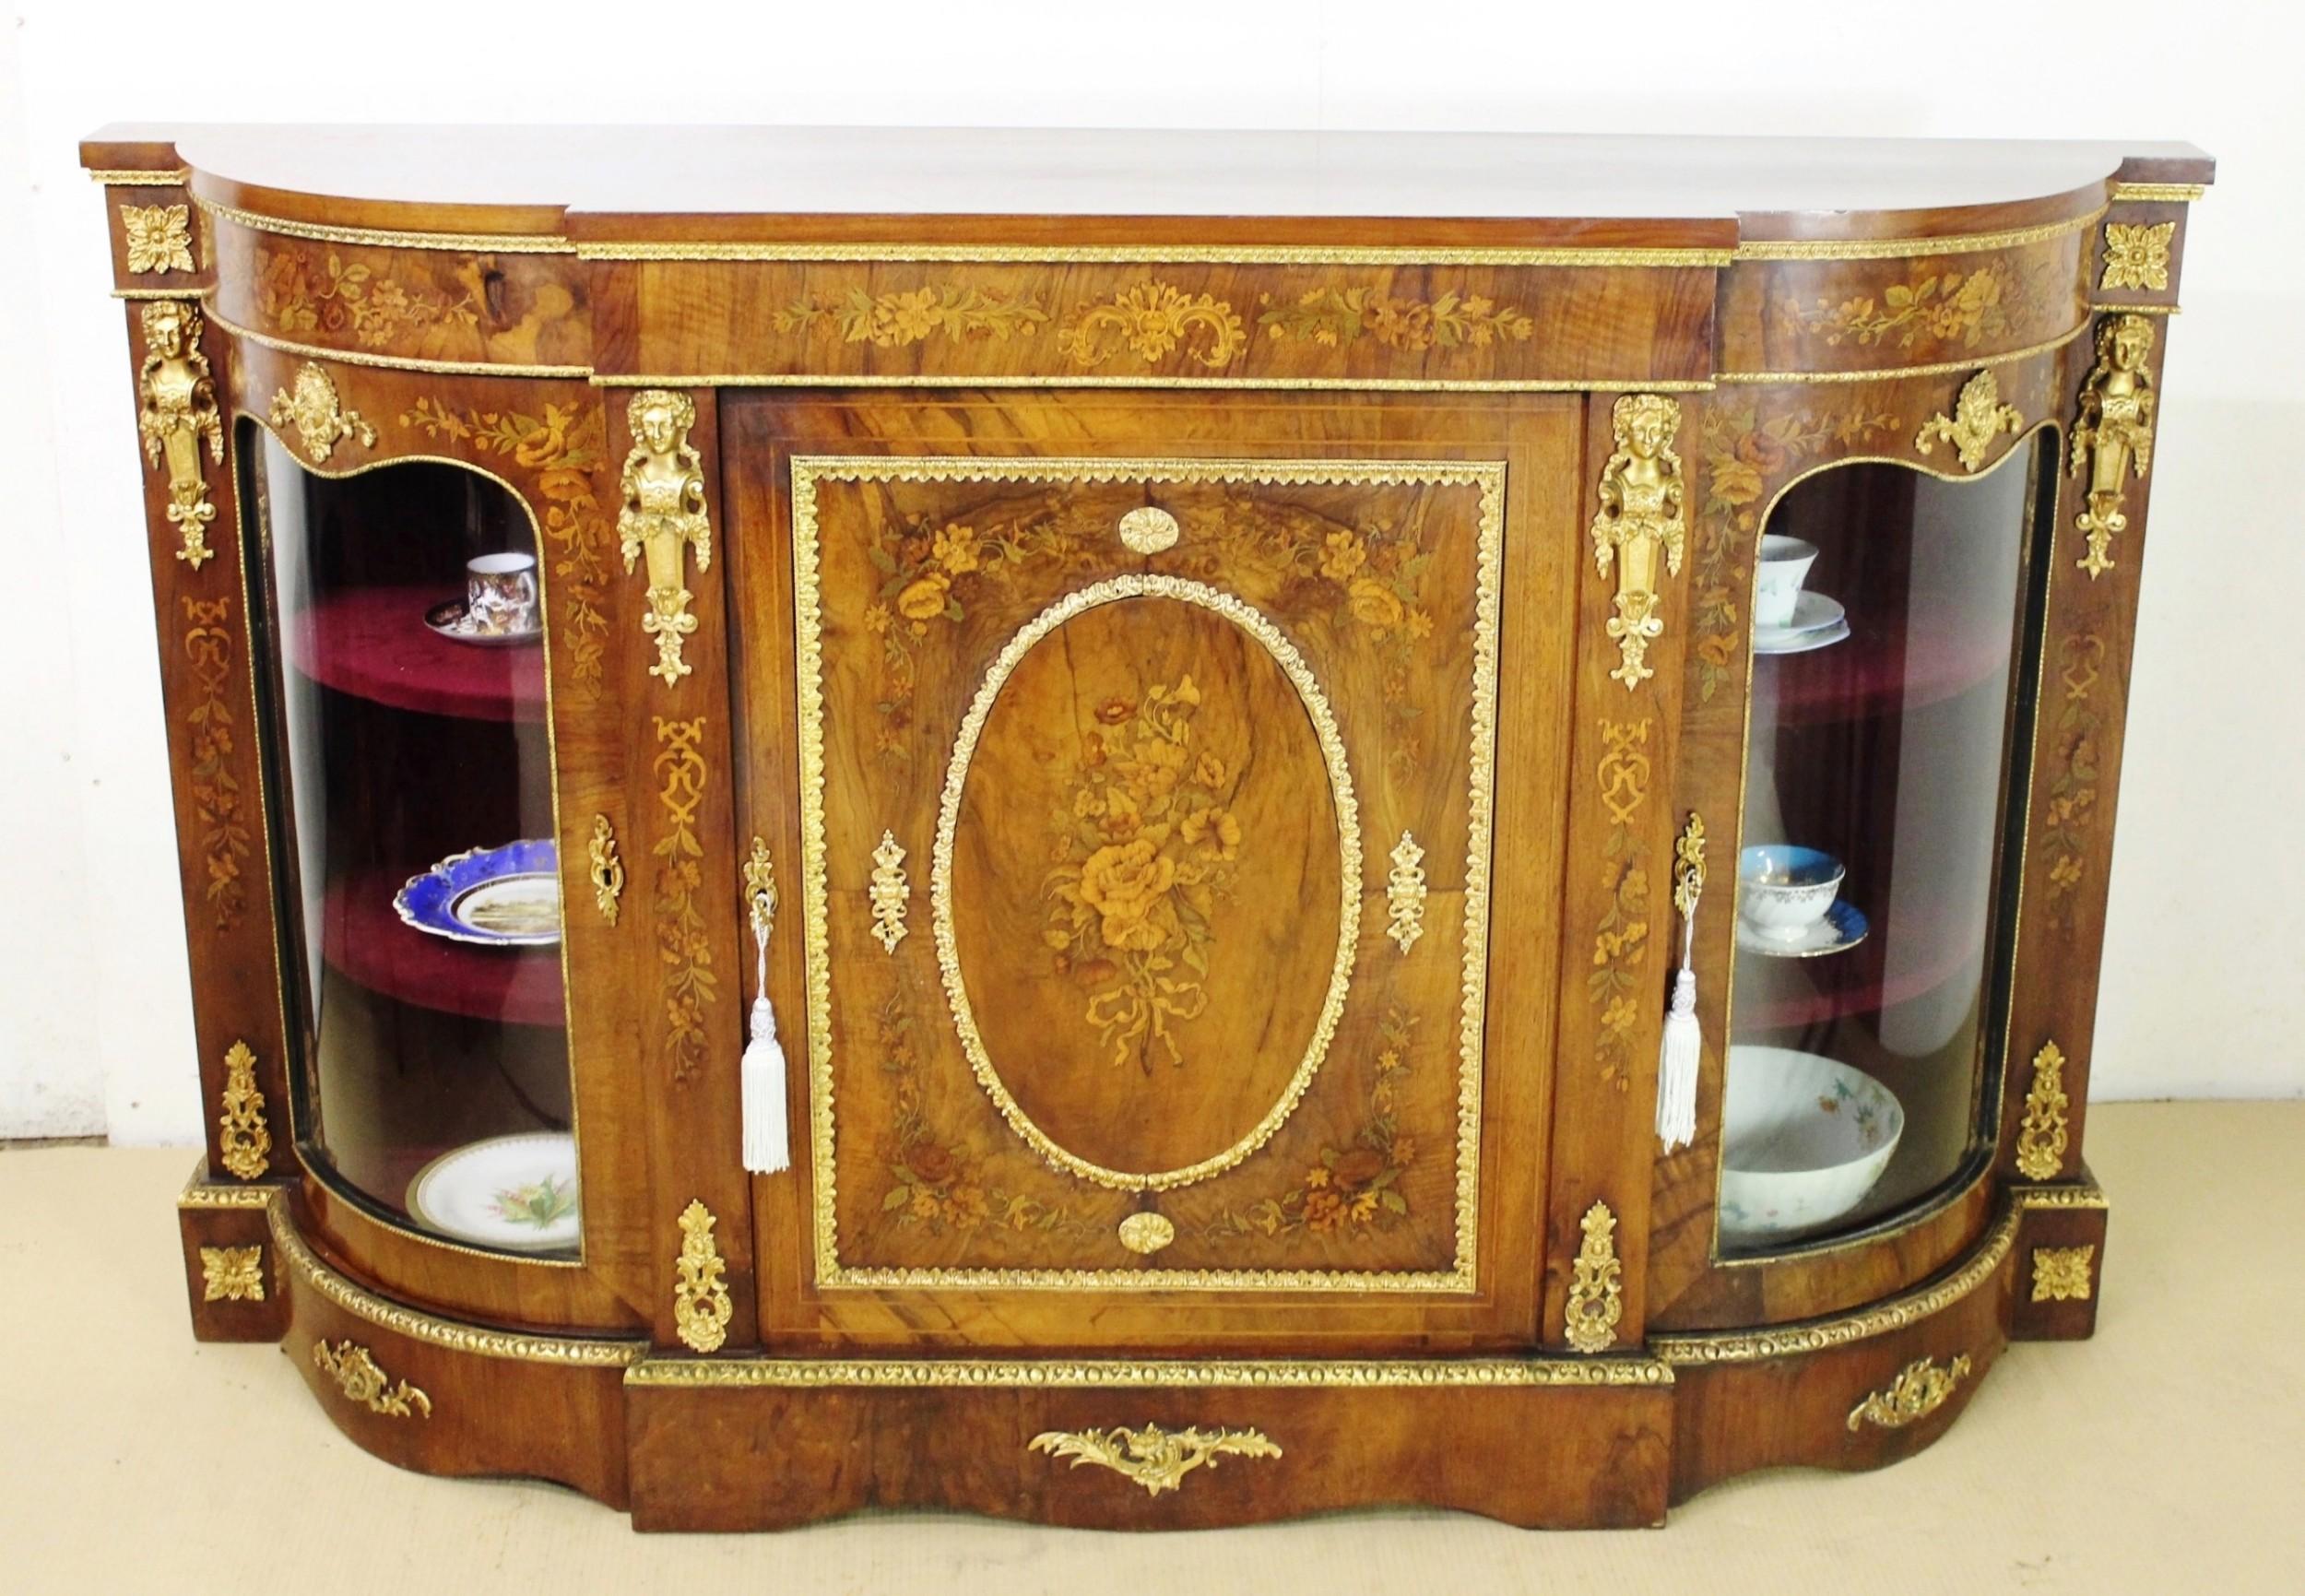 La Credenza Uk : Victorian floral marquetry inlaid burr walnut credenza 562664